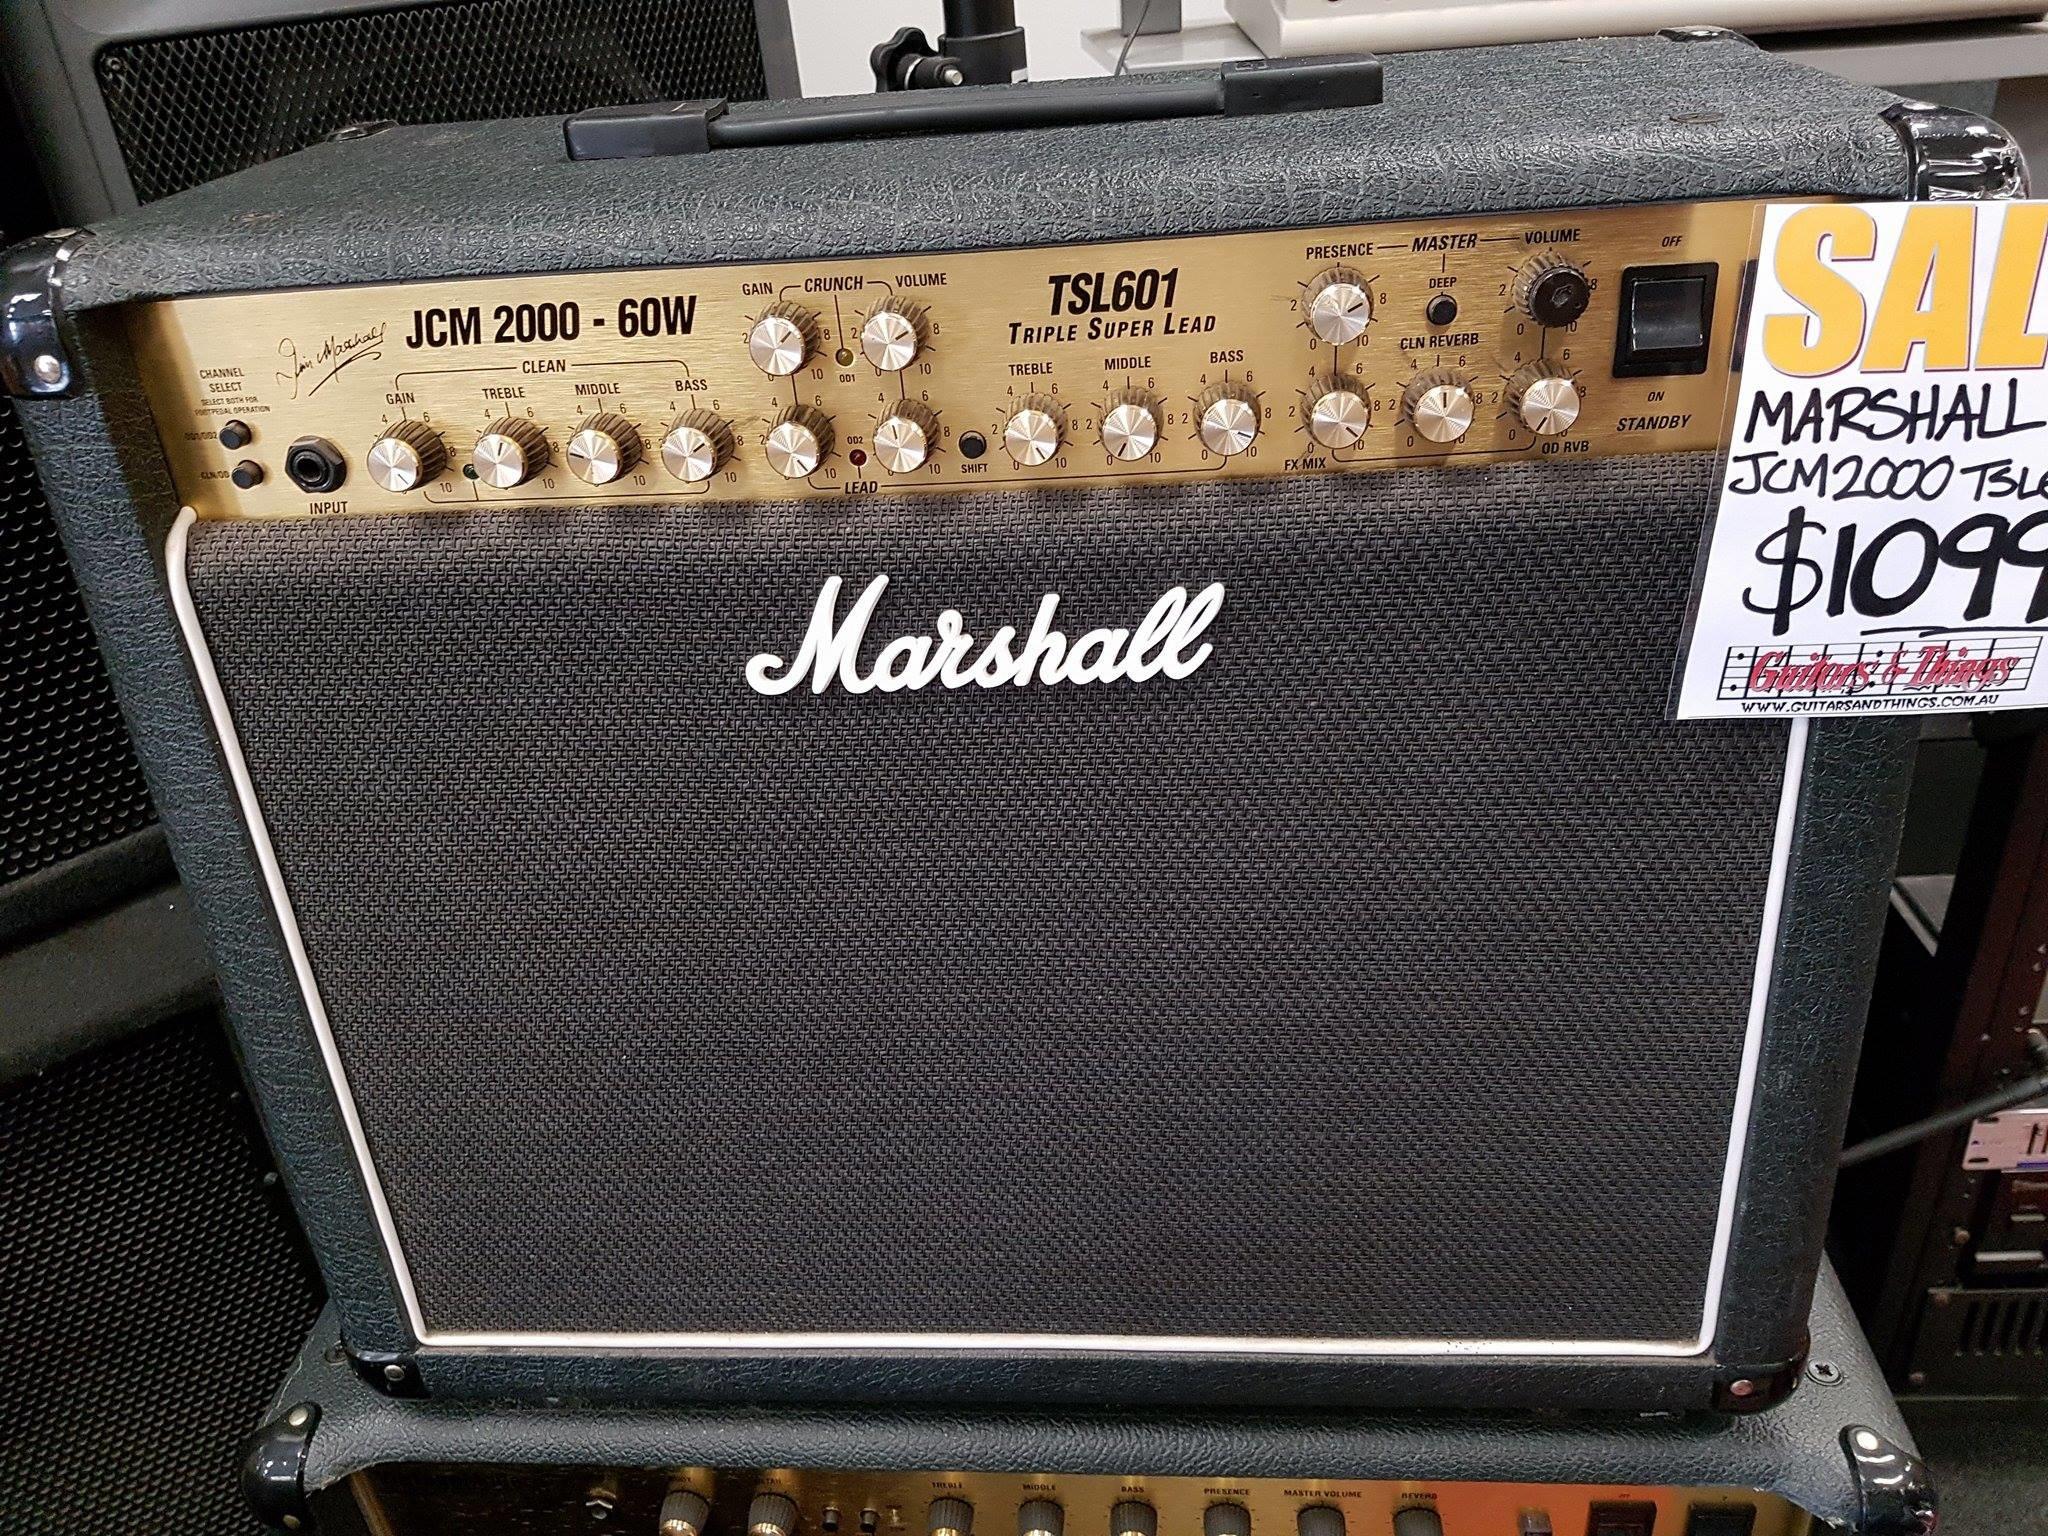 Marshall JCM 2000 60w Combo TSL601 Triple Super Lead – USED